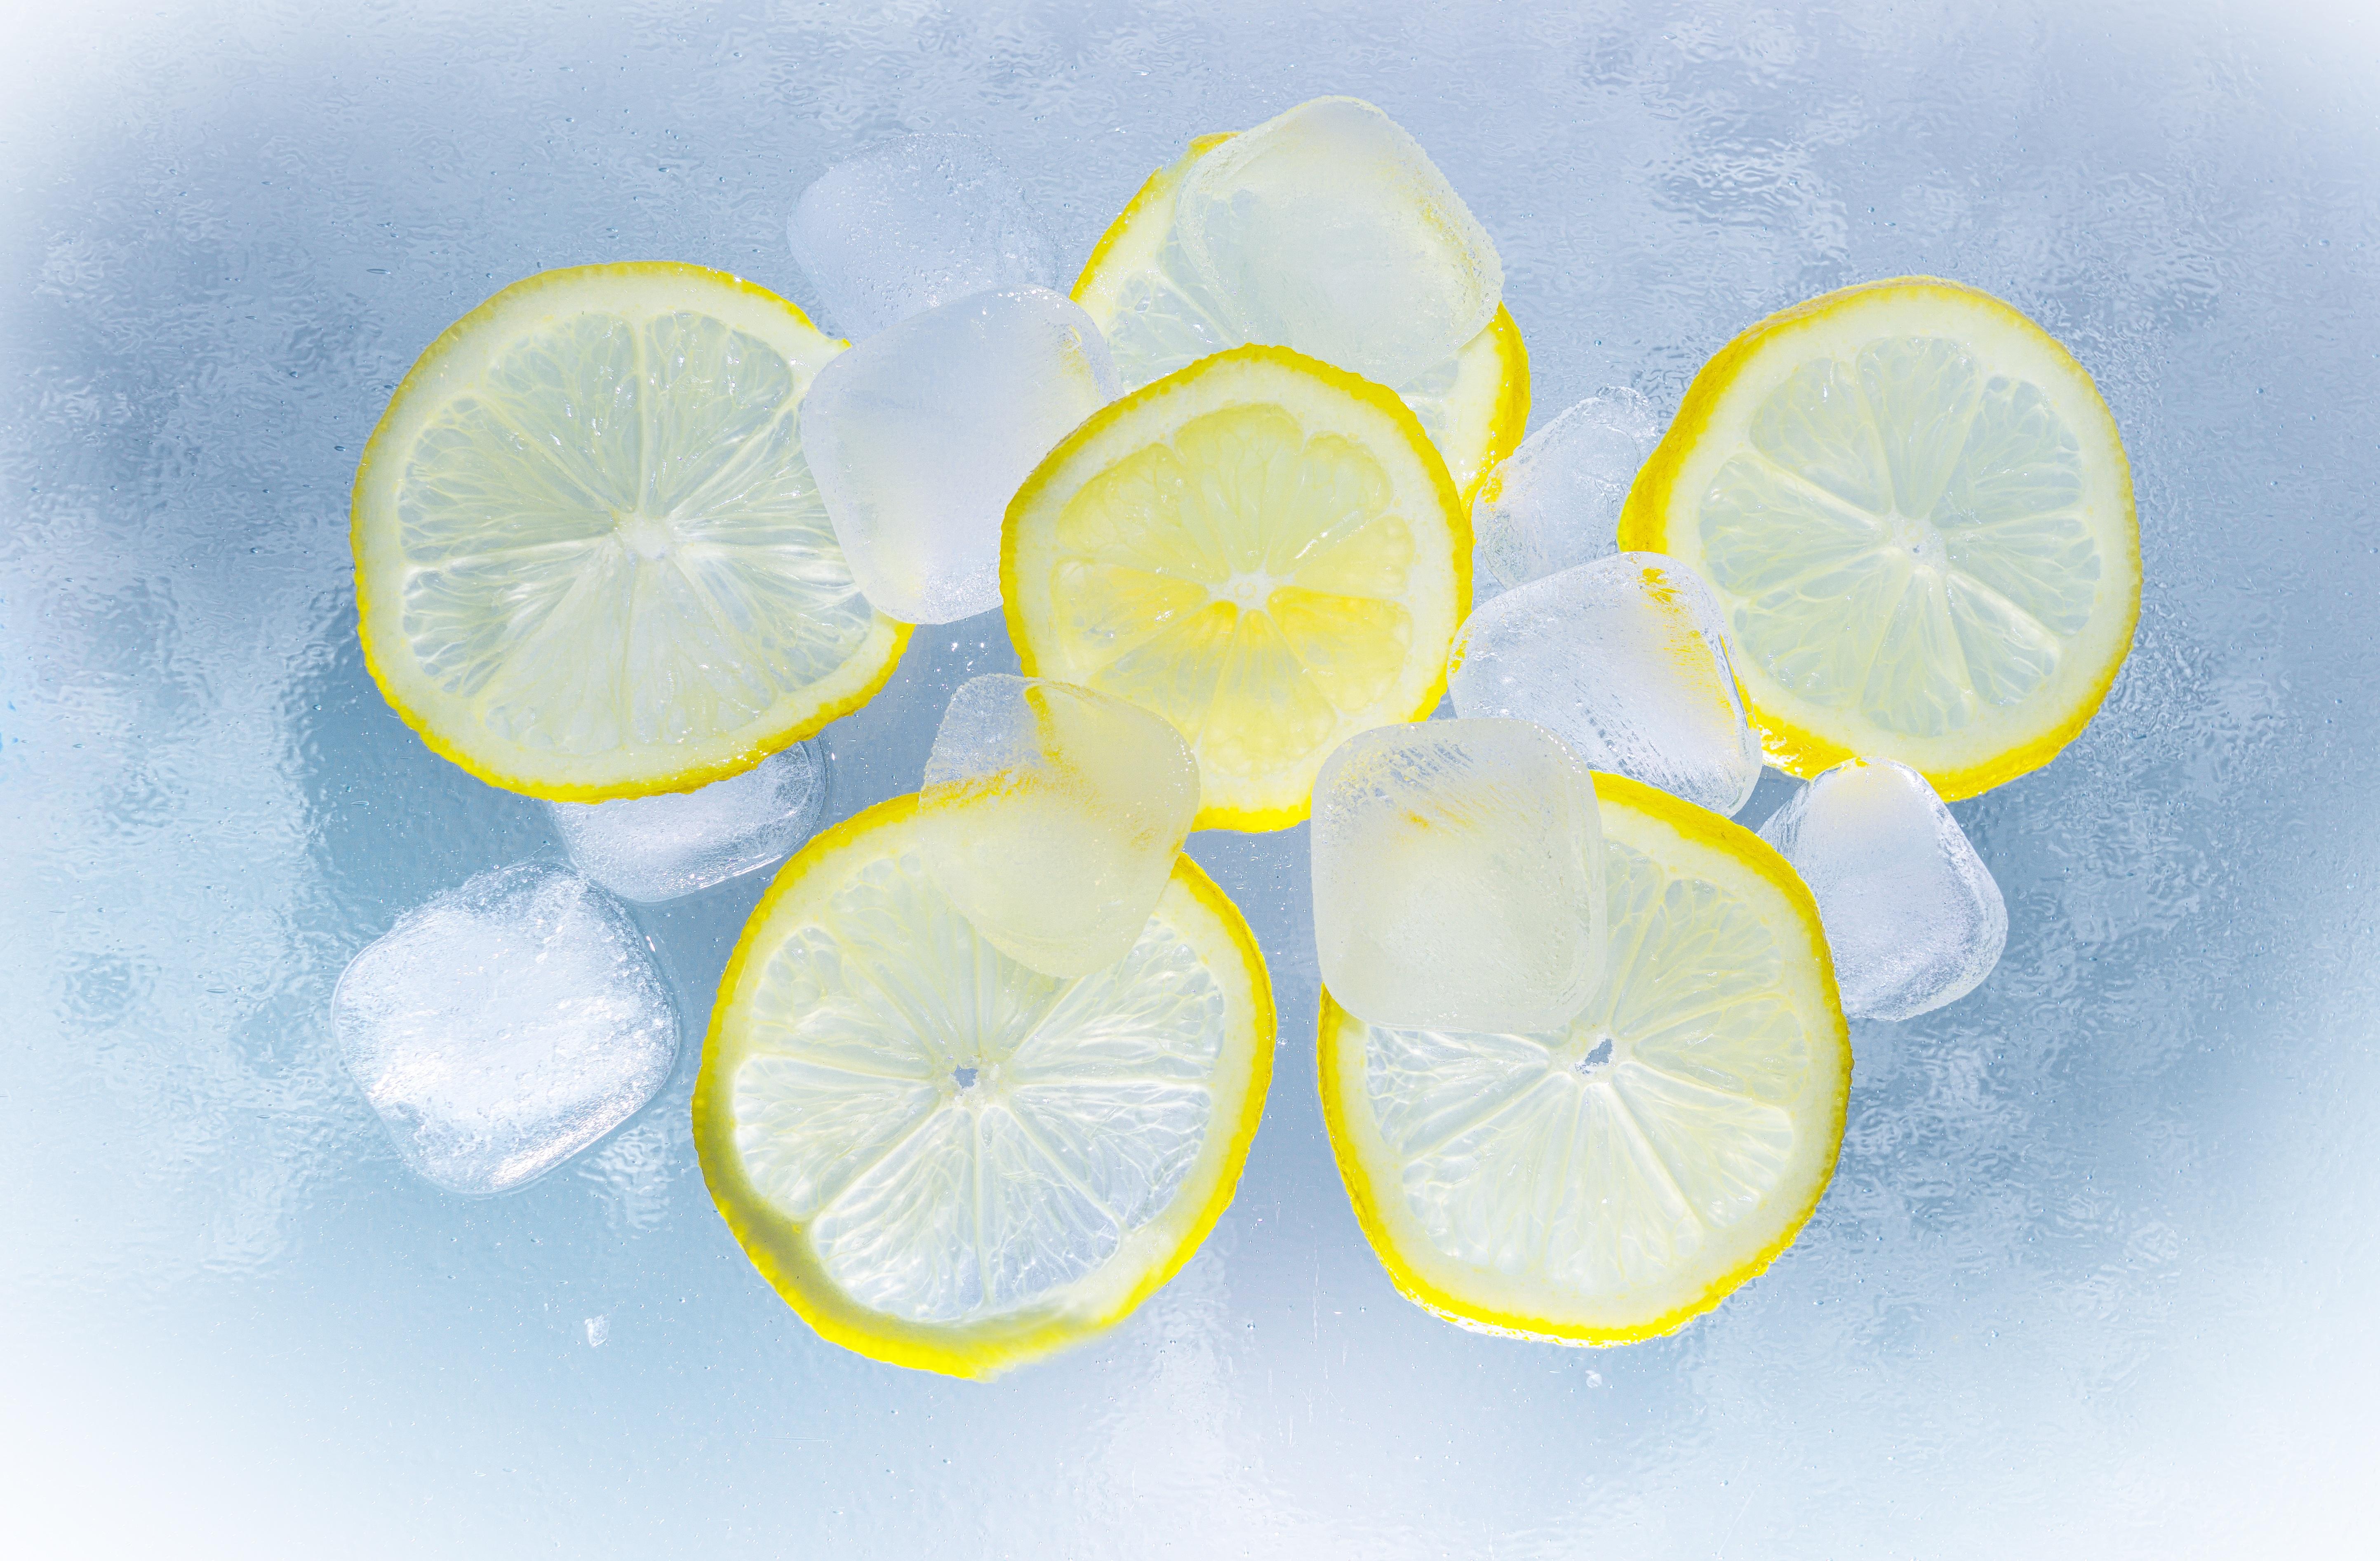 124701 Заставки и Обои Лед на телефон. Скачать Лед, Лимоны, Еда, Цитрус картинки бесплатно